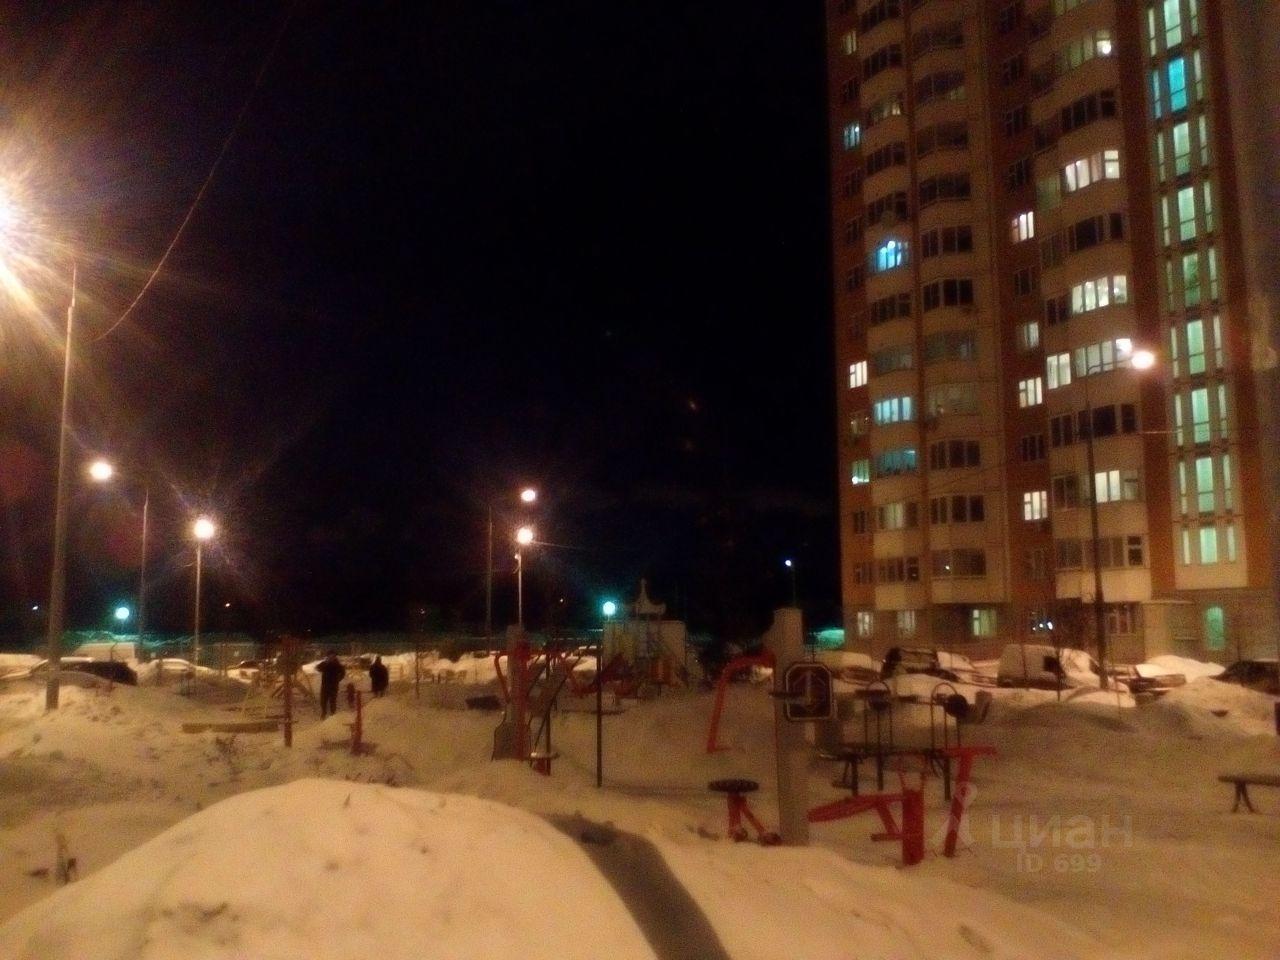 продам трехкомнатную квартиру Ленинский район, деревня Дрожжино, шоссе Новое, д. 9к1